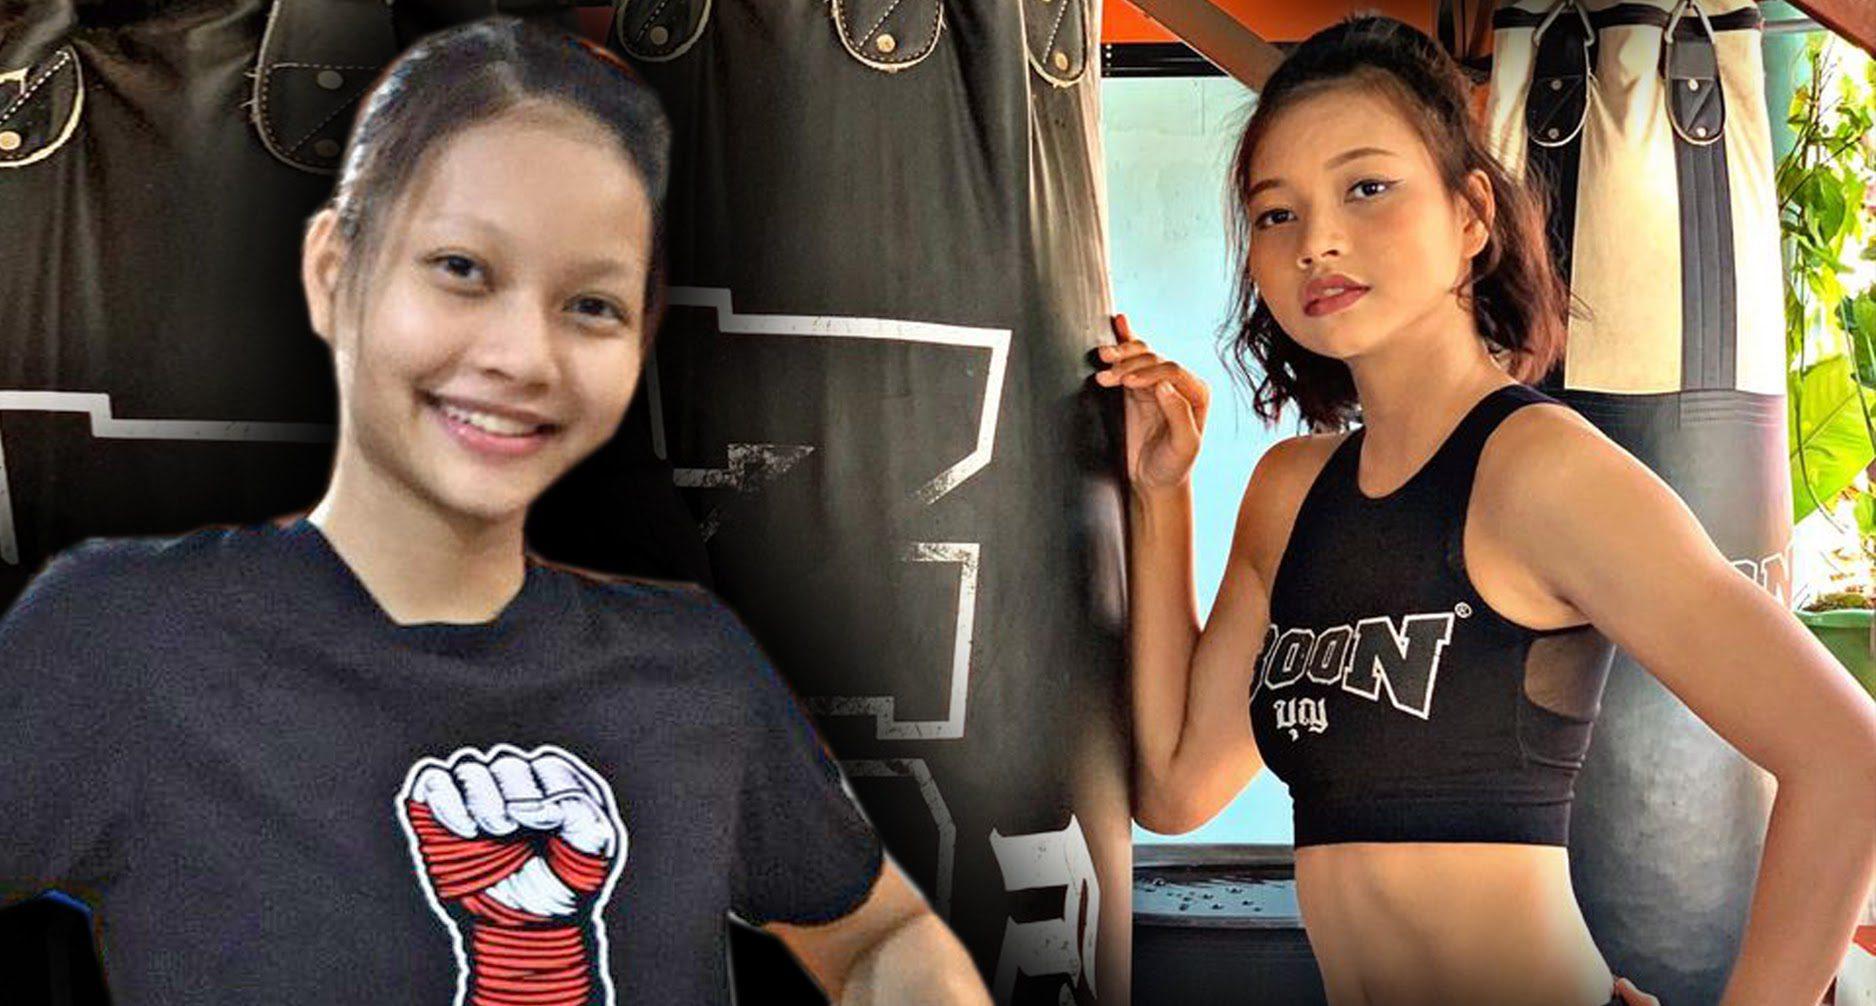 """เก่งเกินตัว! สาวน้อยวัย 16 ปี """"ซุปเปอร์เกิร์ล"""" นำความสำเร็จบนเวทีมวยไทยก้าวสู่สังเวียนระดับโลก"""